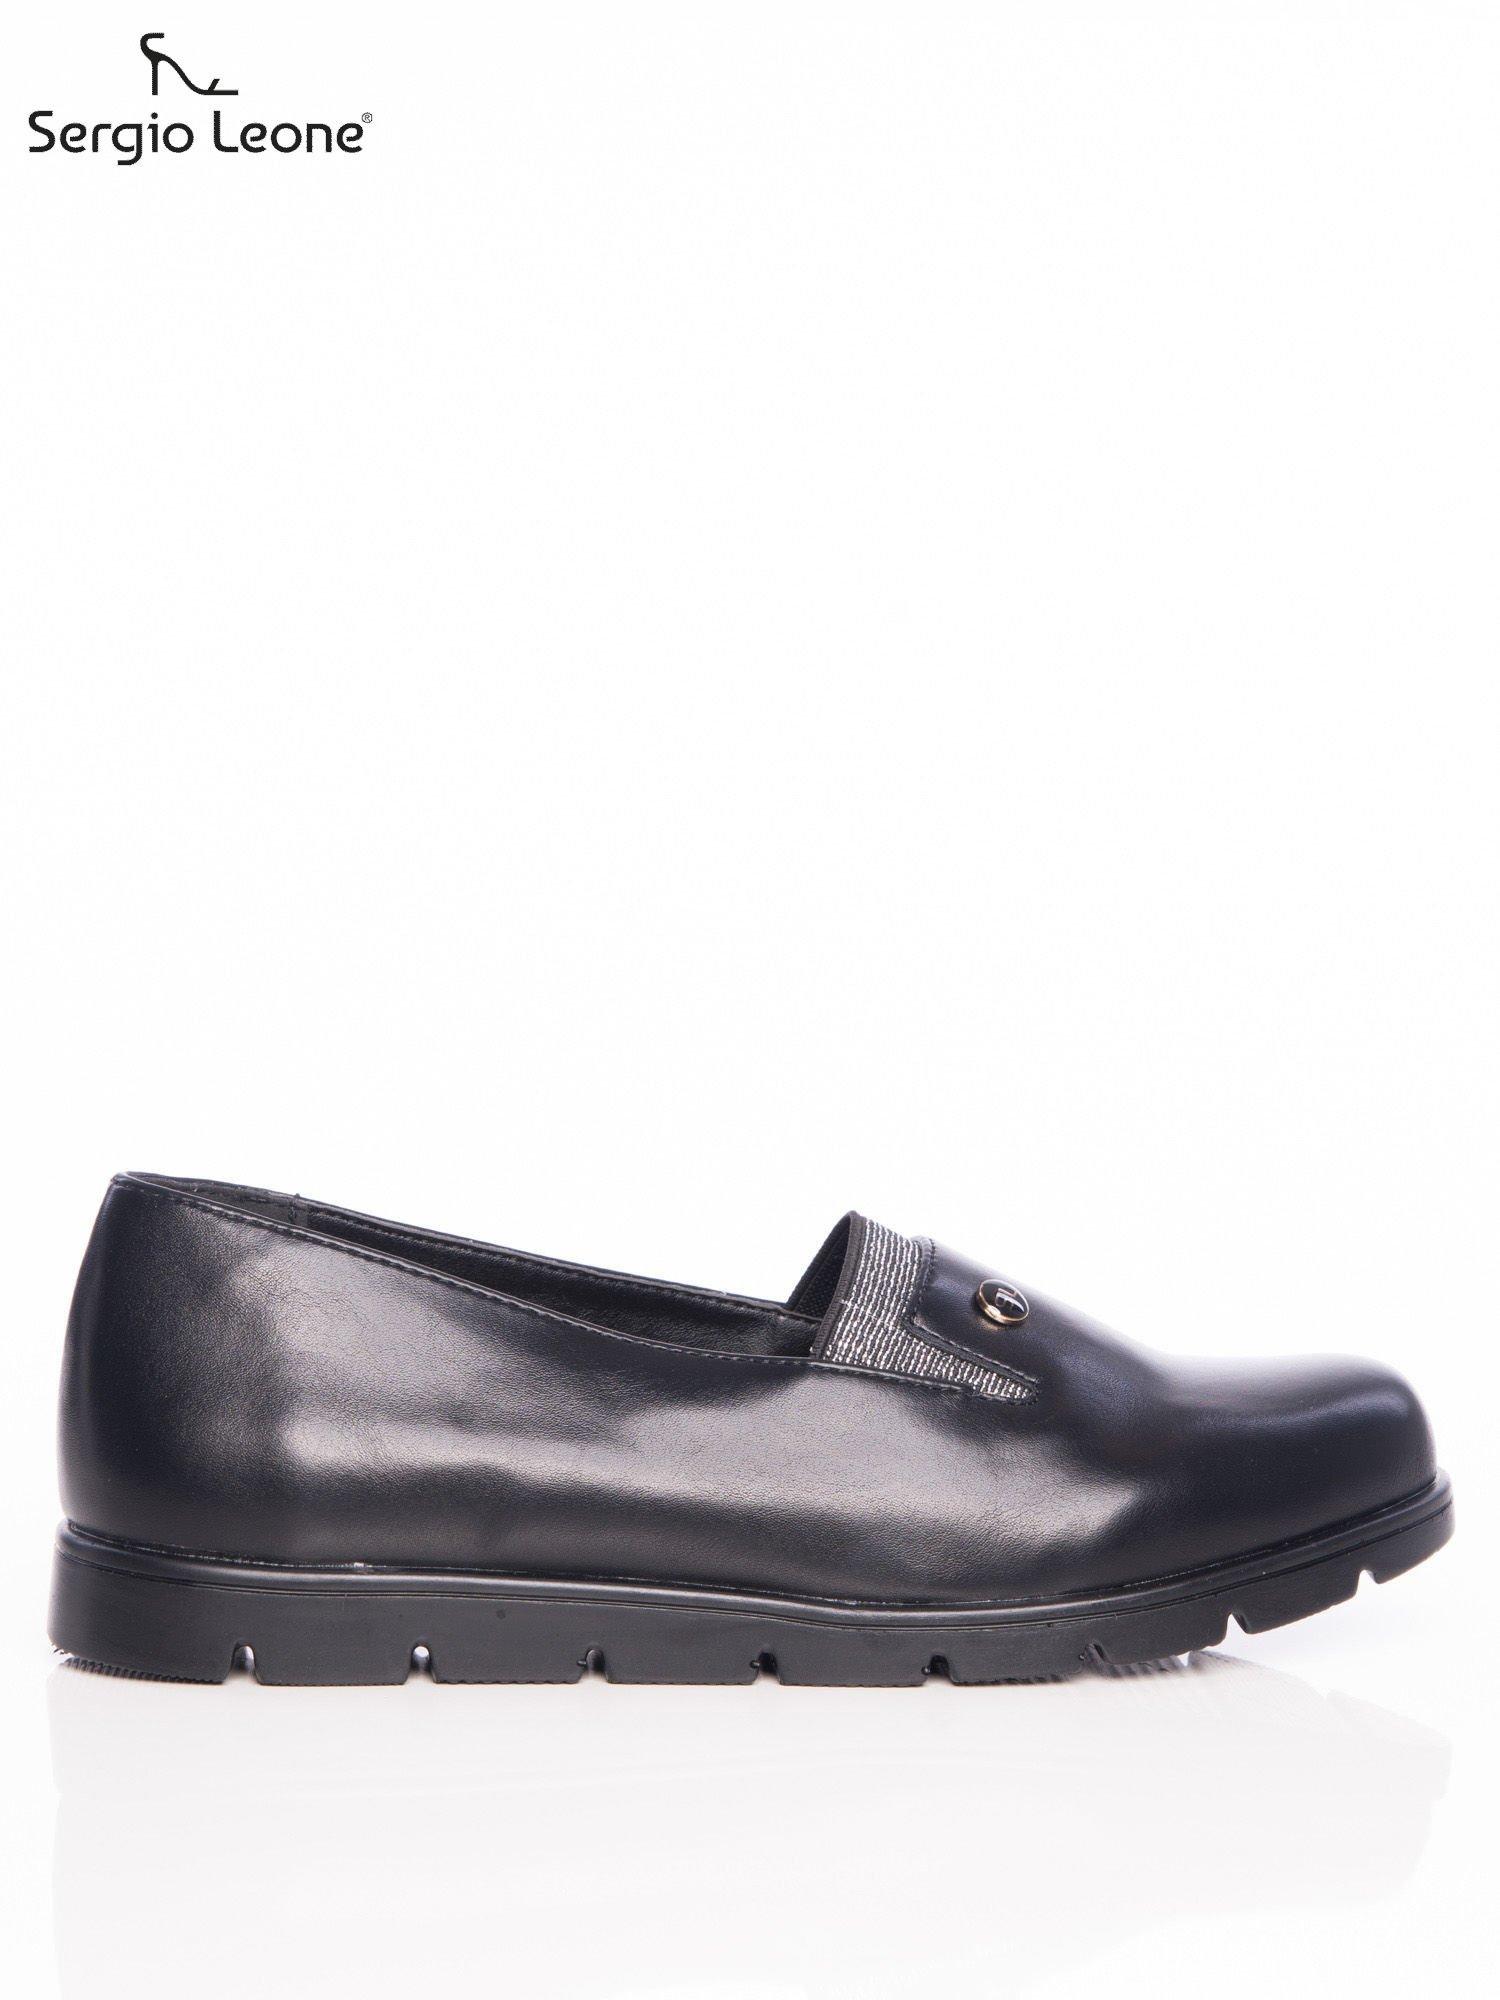 Černé boty Sergio Leone se mírně zvýšily